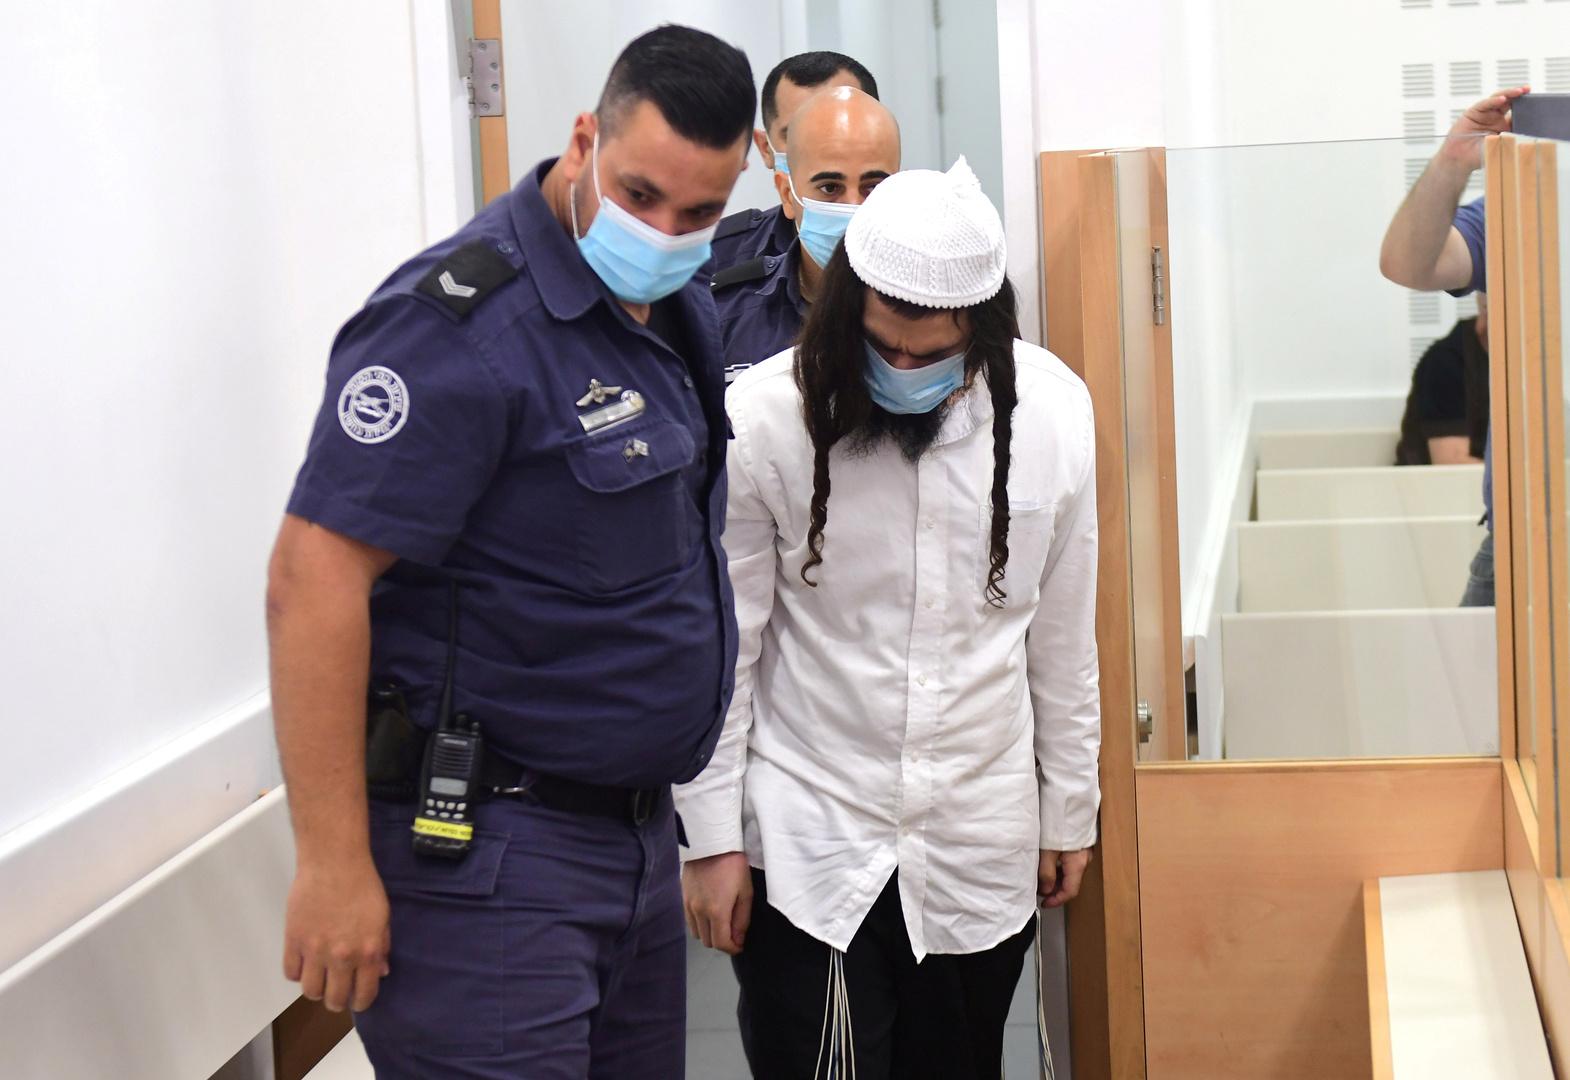 عم الطفل أحمد الدوابشة: إدانة القاتل بالسجن المؤبد يجب أن تطال المنظومة المسؤولة عن الجريمة